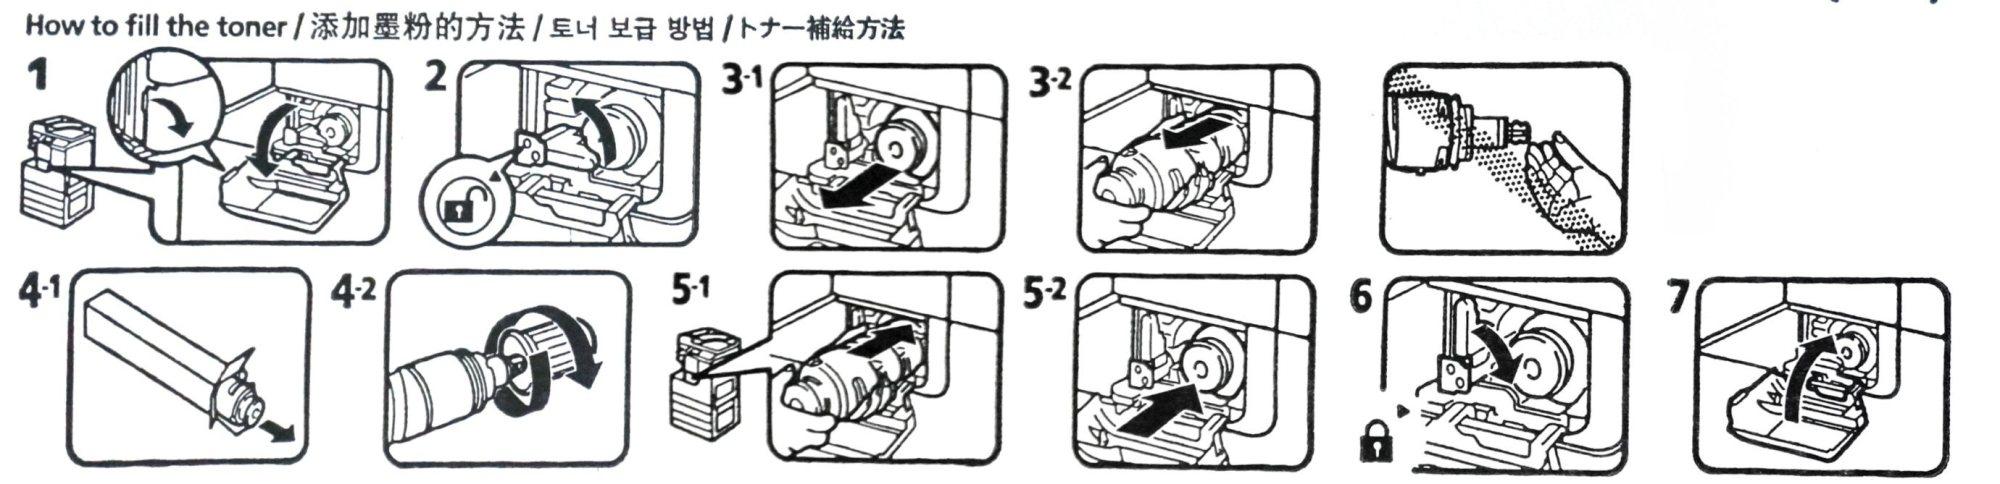 hight resolution of toner cartridge for canon imagerunner 1730 1740 1750 2787b003 g 55 gpr 39 c exv37